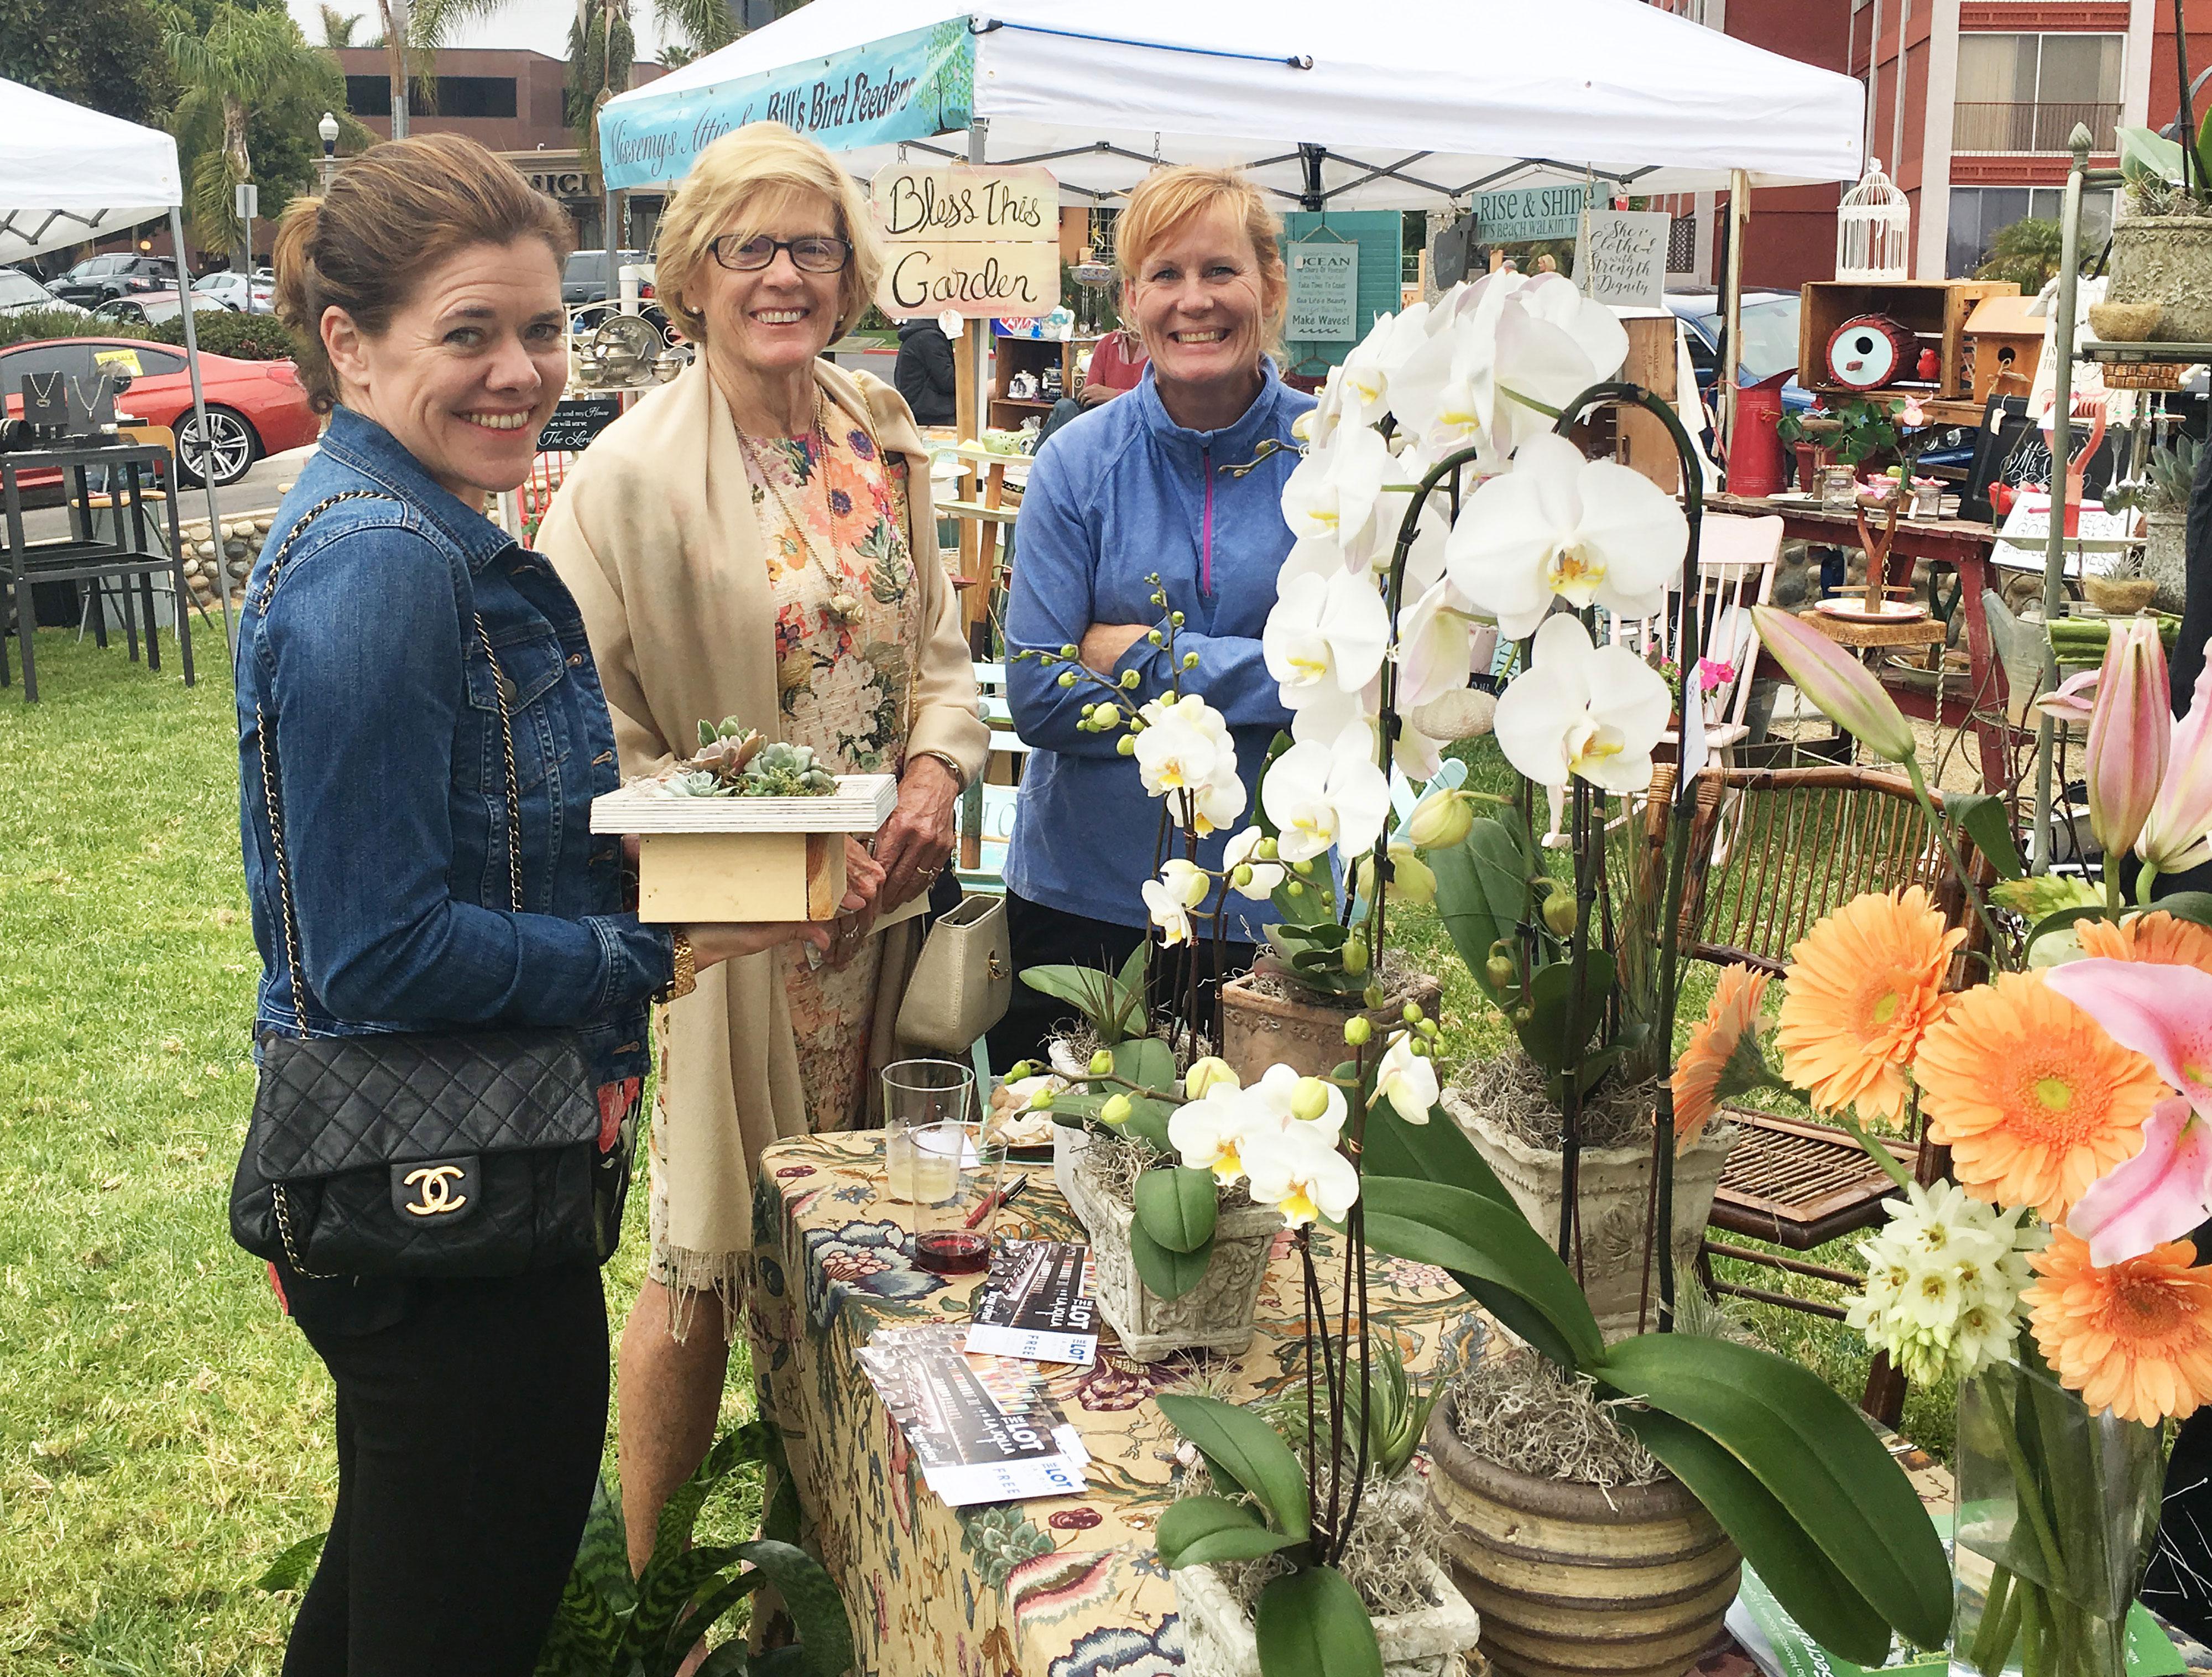 La Jolla Secret Garden Tour wisteria cottage shopping